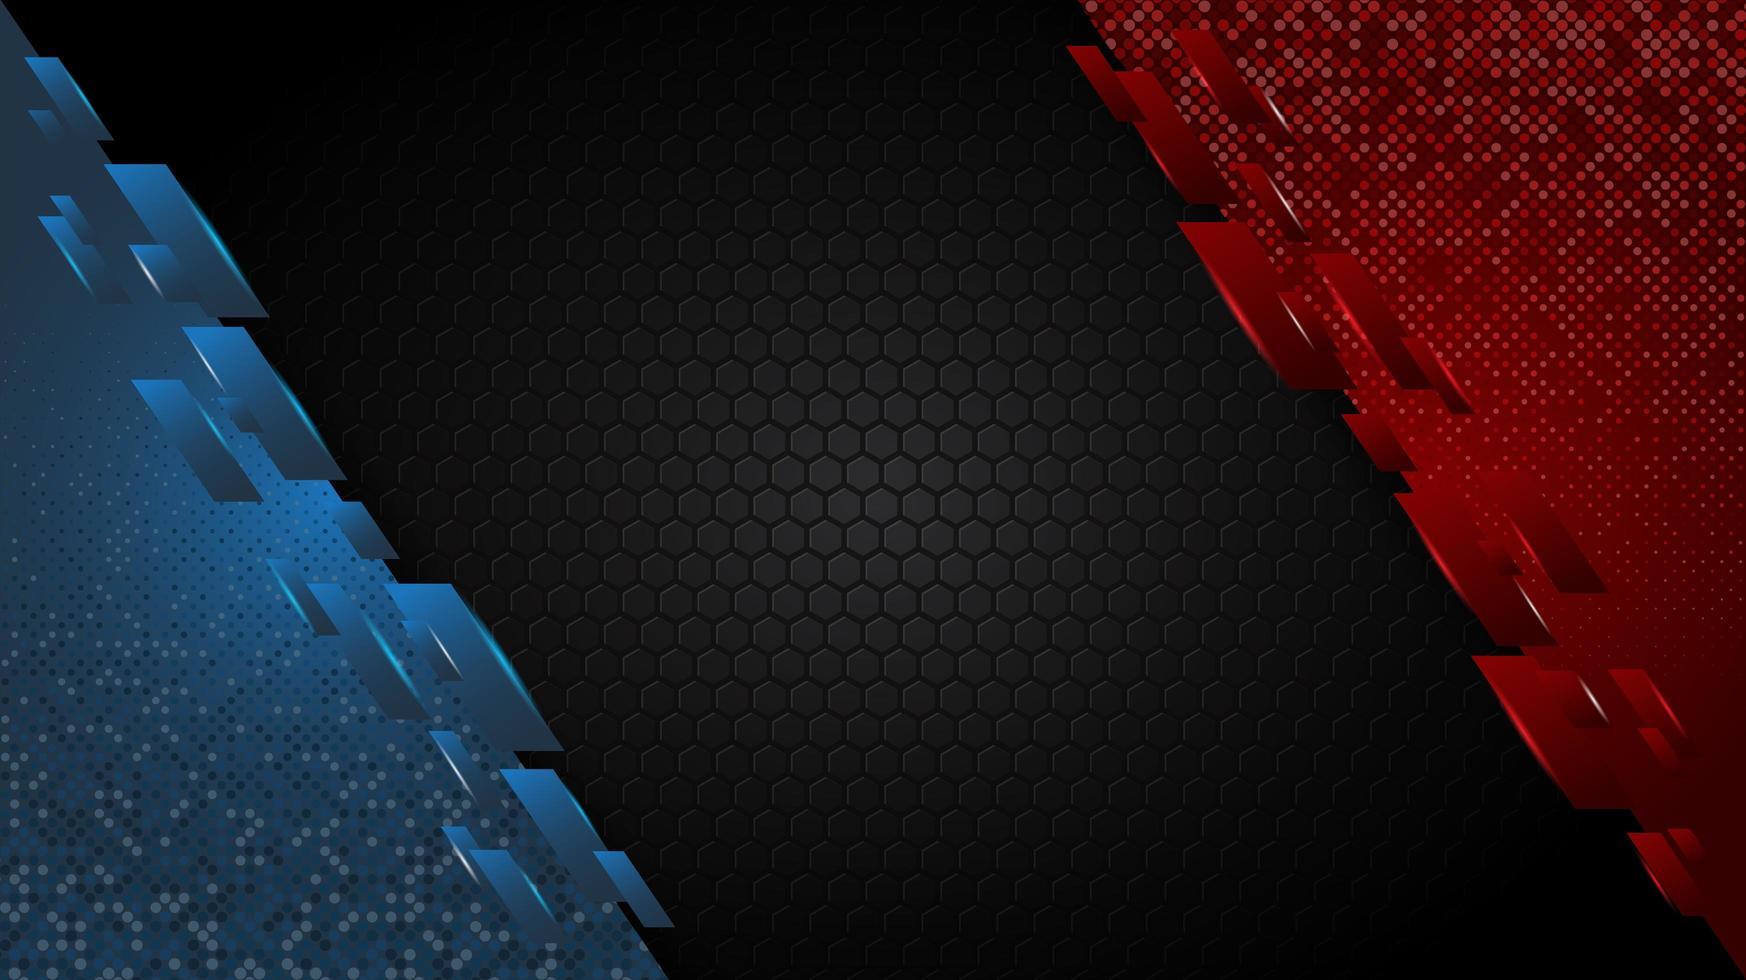 cantos em ângulo vermelhos e azuis no padrão de hexágono vetor